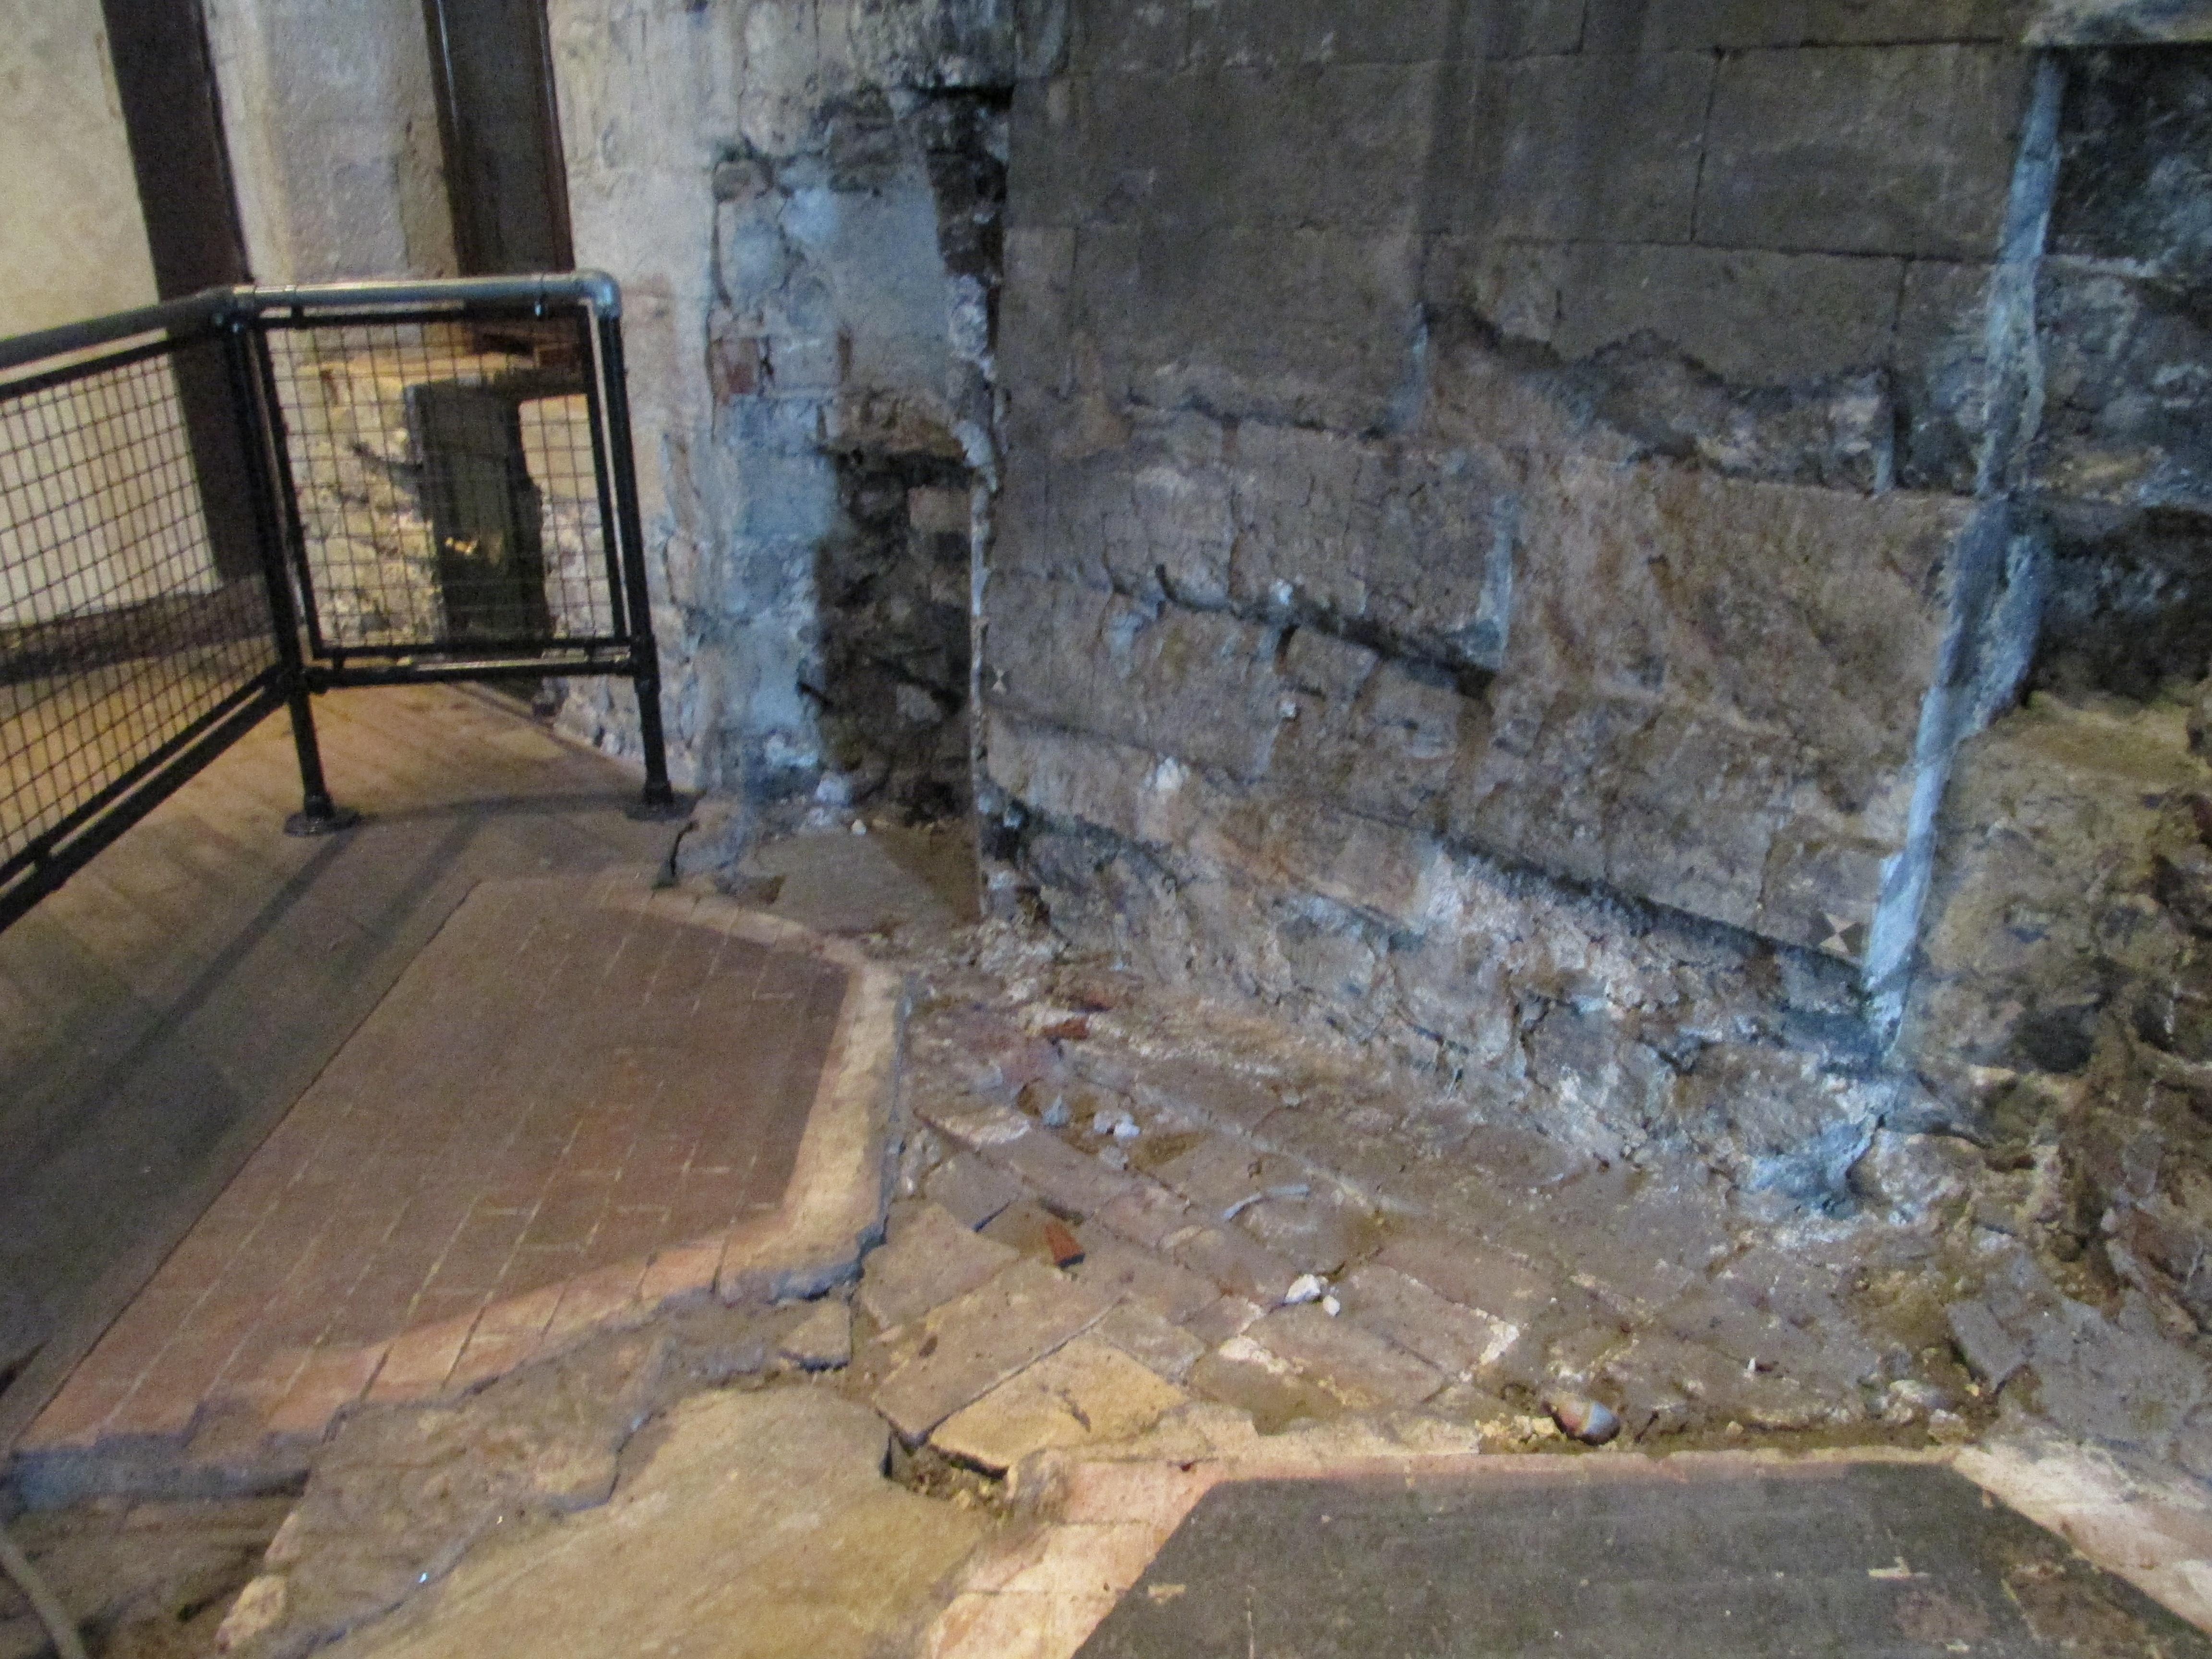 IMG 1761 - Visitando la Torre de Londres